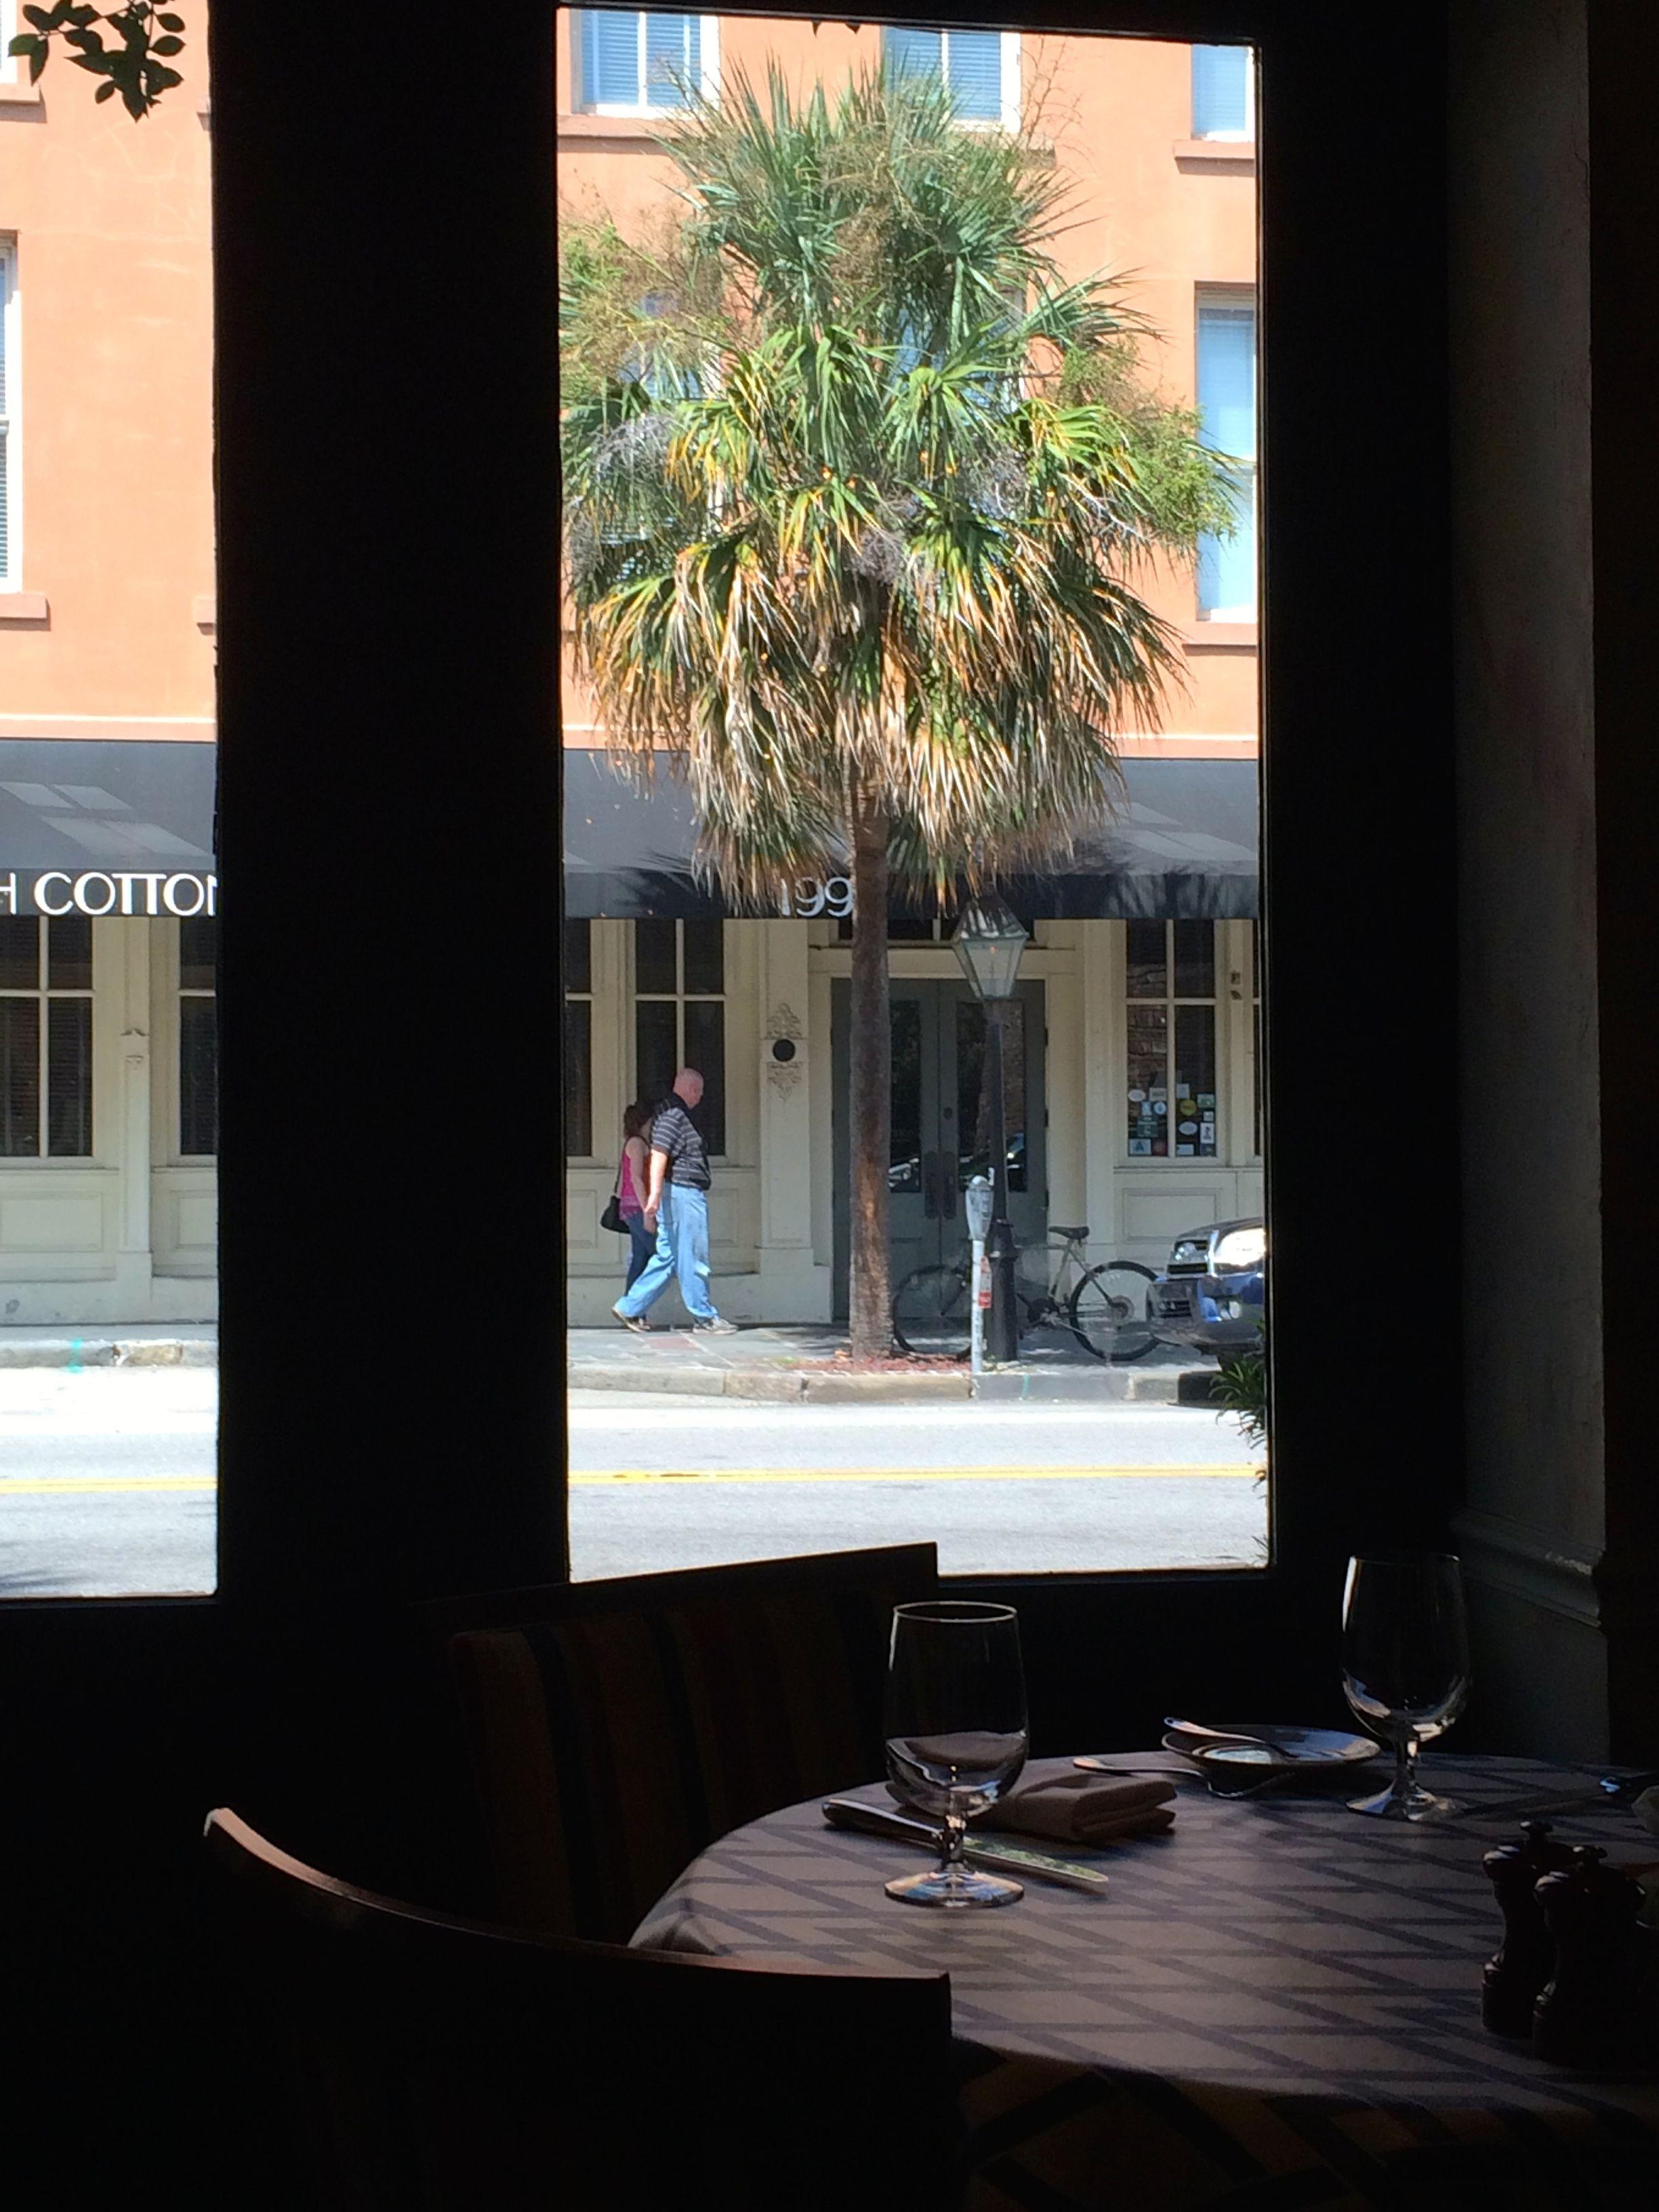 Slightly North Of Broad Restaurant Snob Charleston Sc